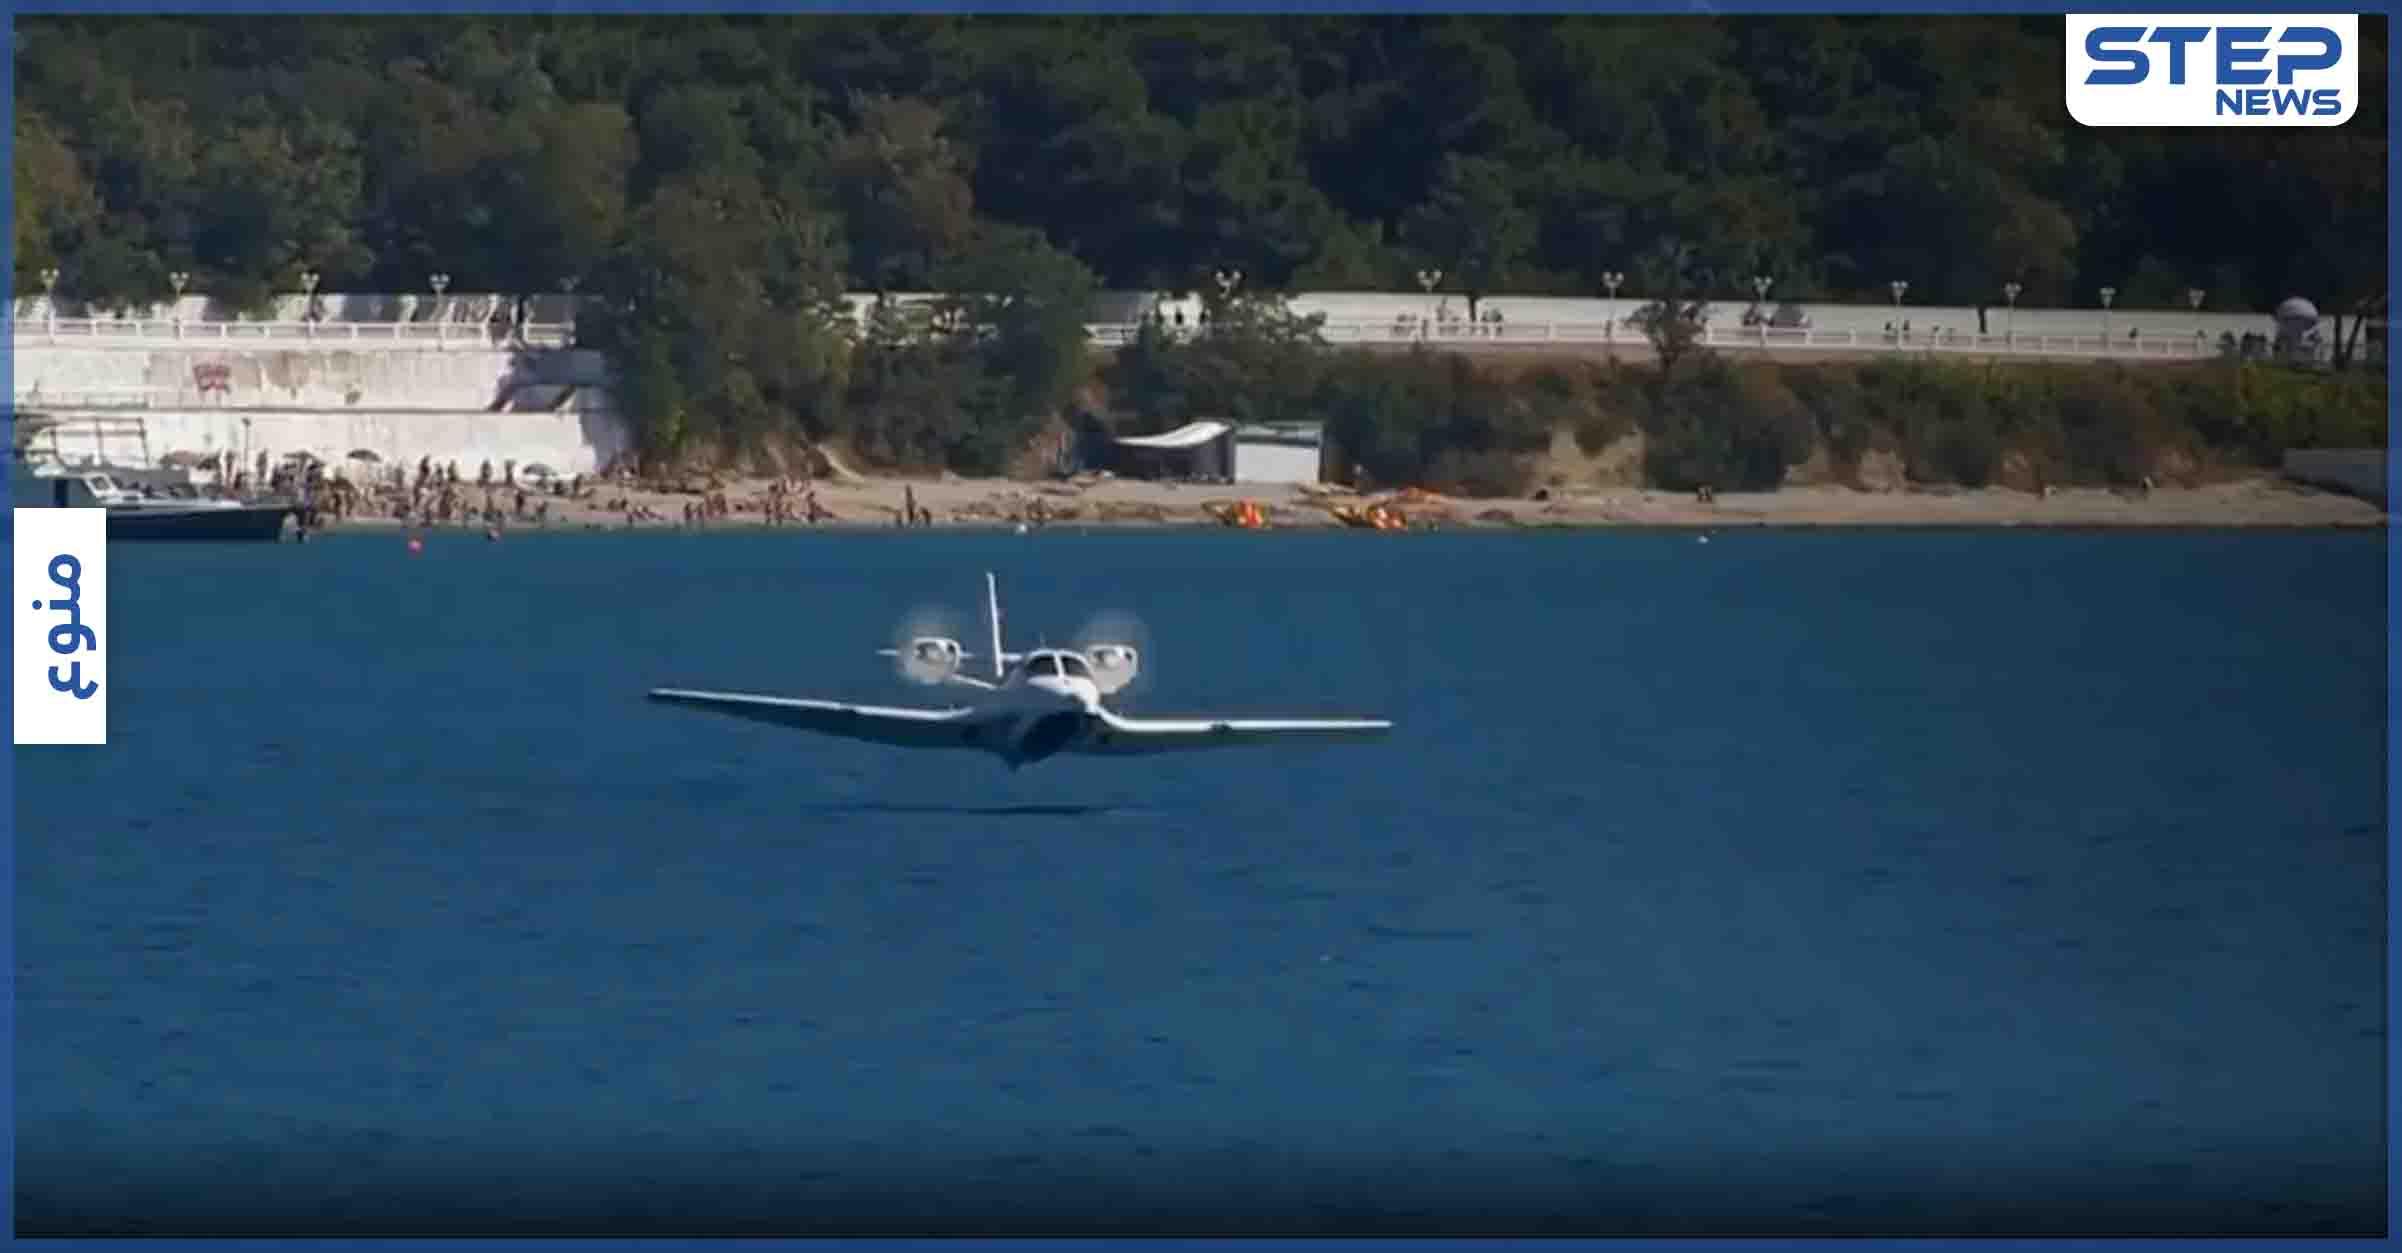 شاهد بالفيديو.. لحظة هبوط طائرة على سطح المياه